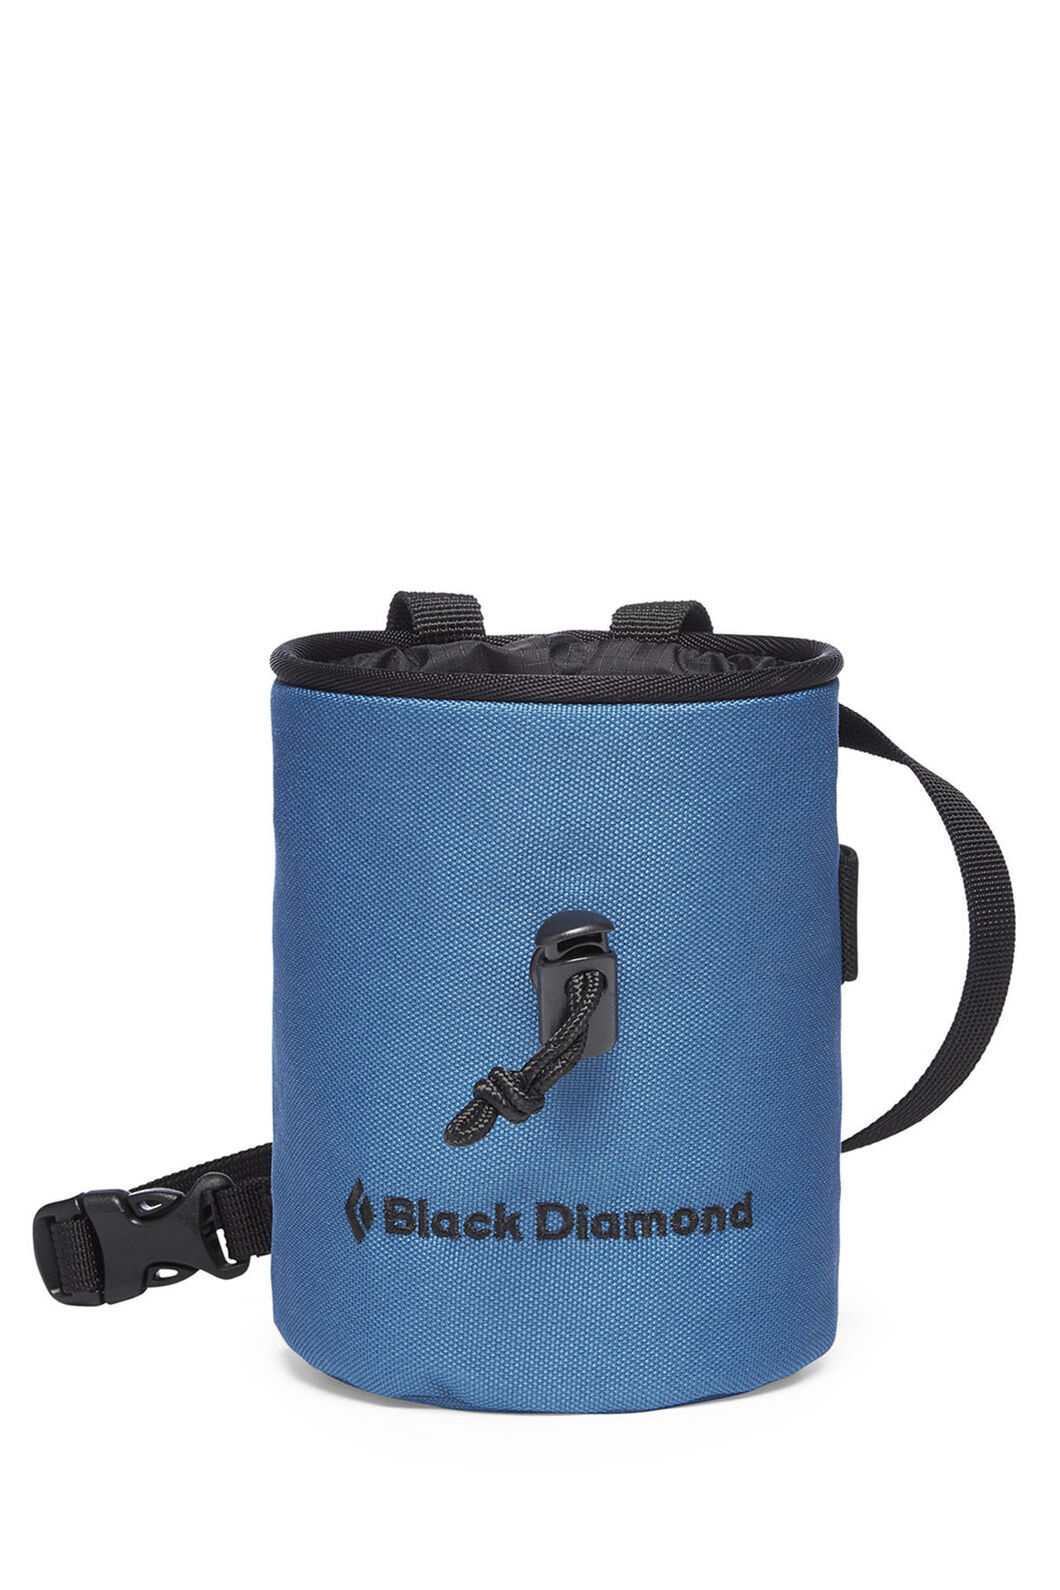 Black Diamond Mojo Chalk Bag, Blue, hi-res